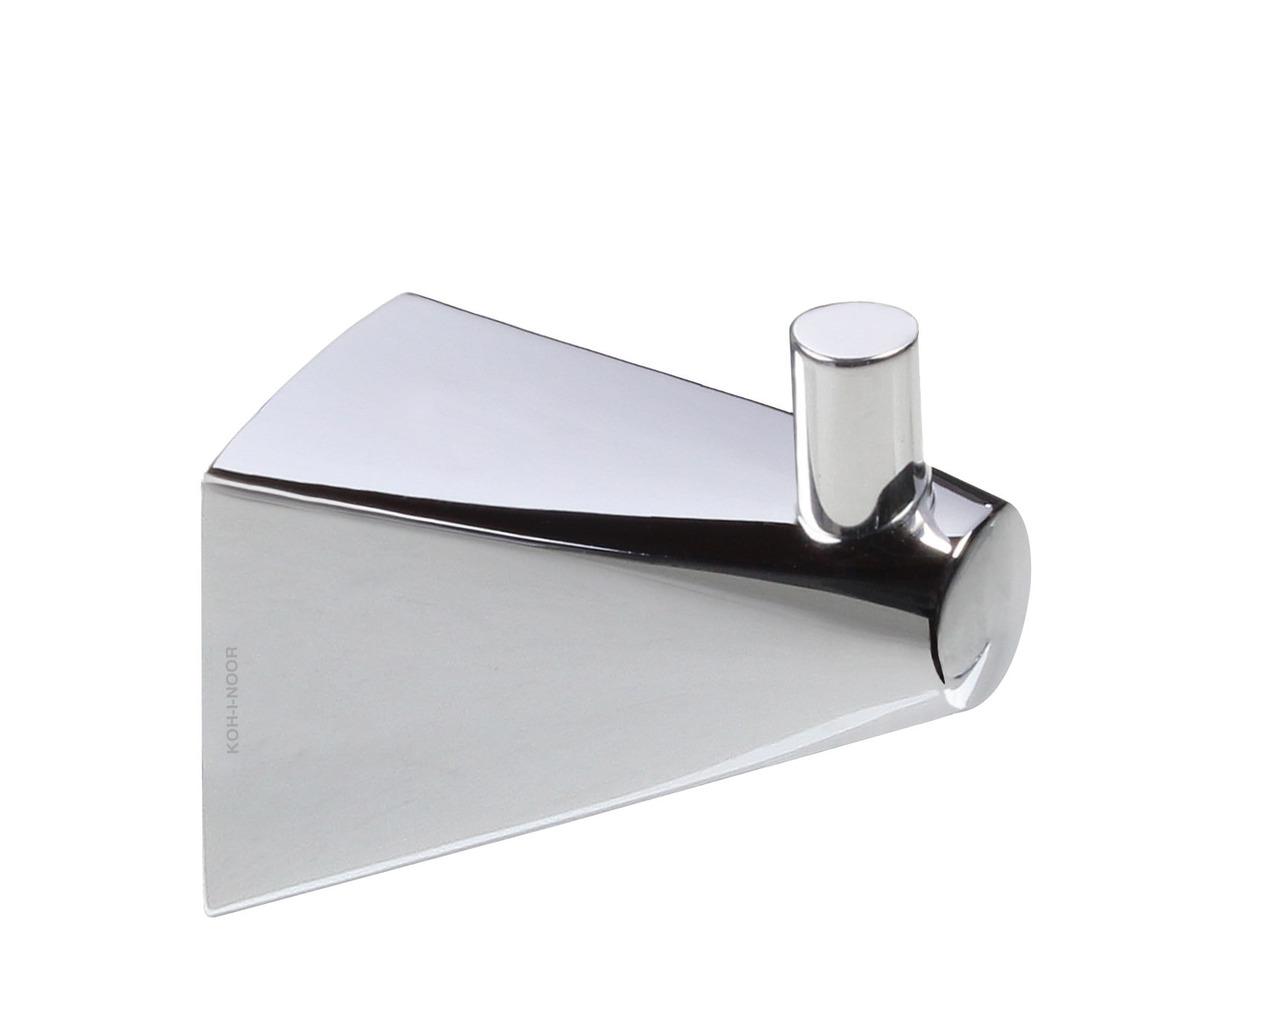 Geometrie pure per gli accessori area - Koh i noor accessori bagno ...